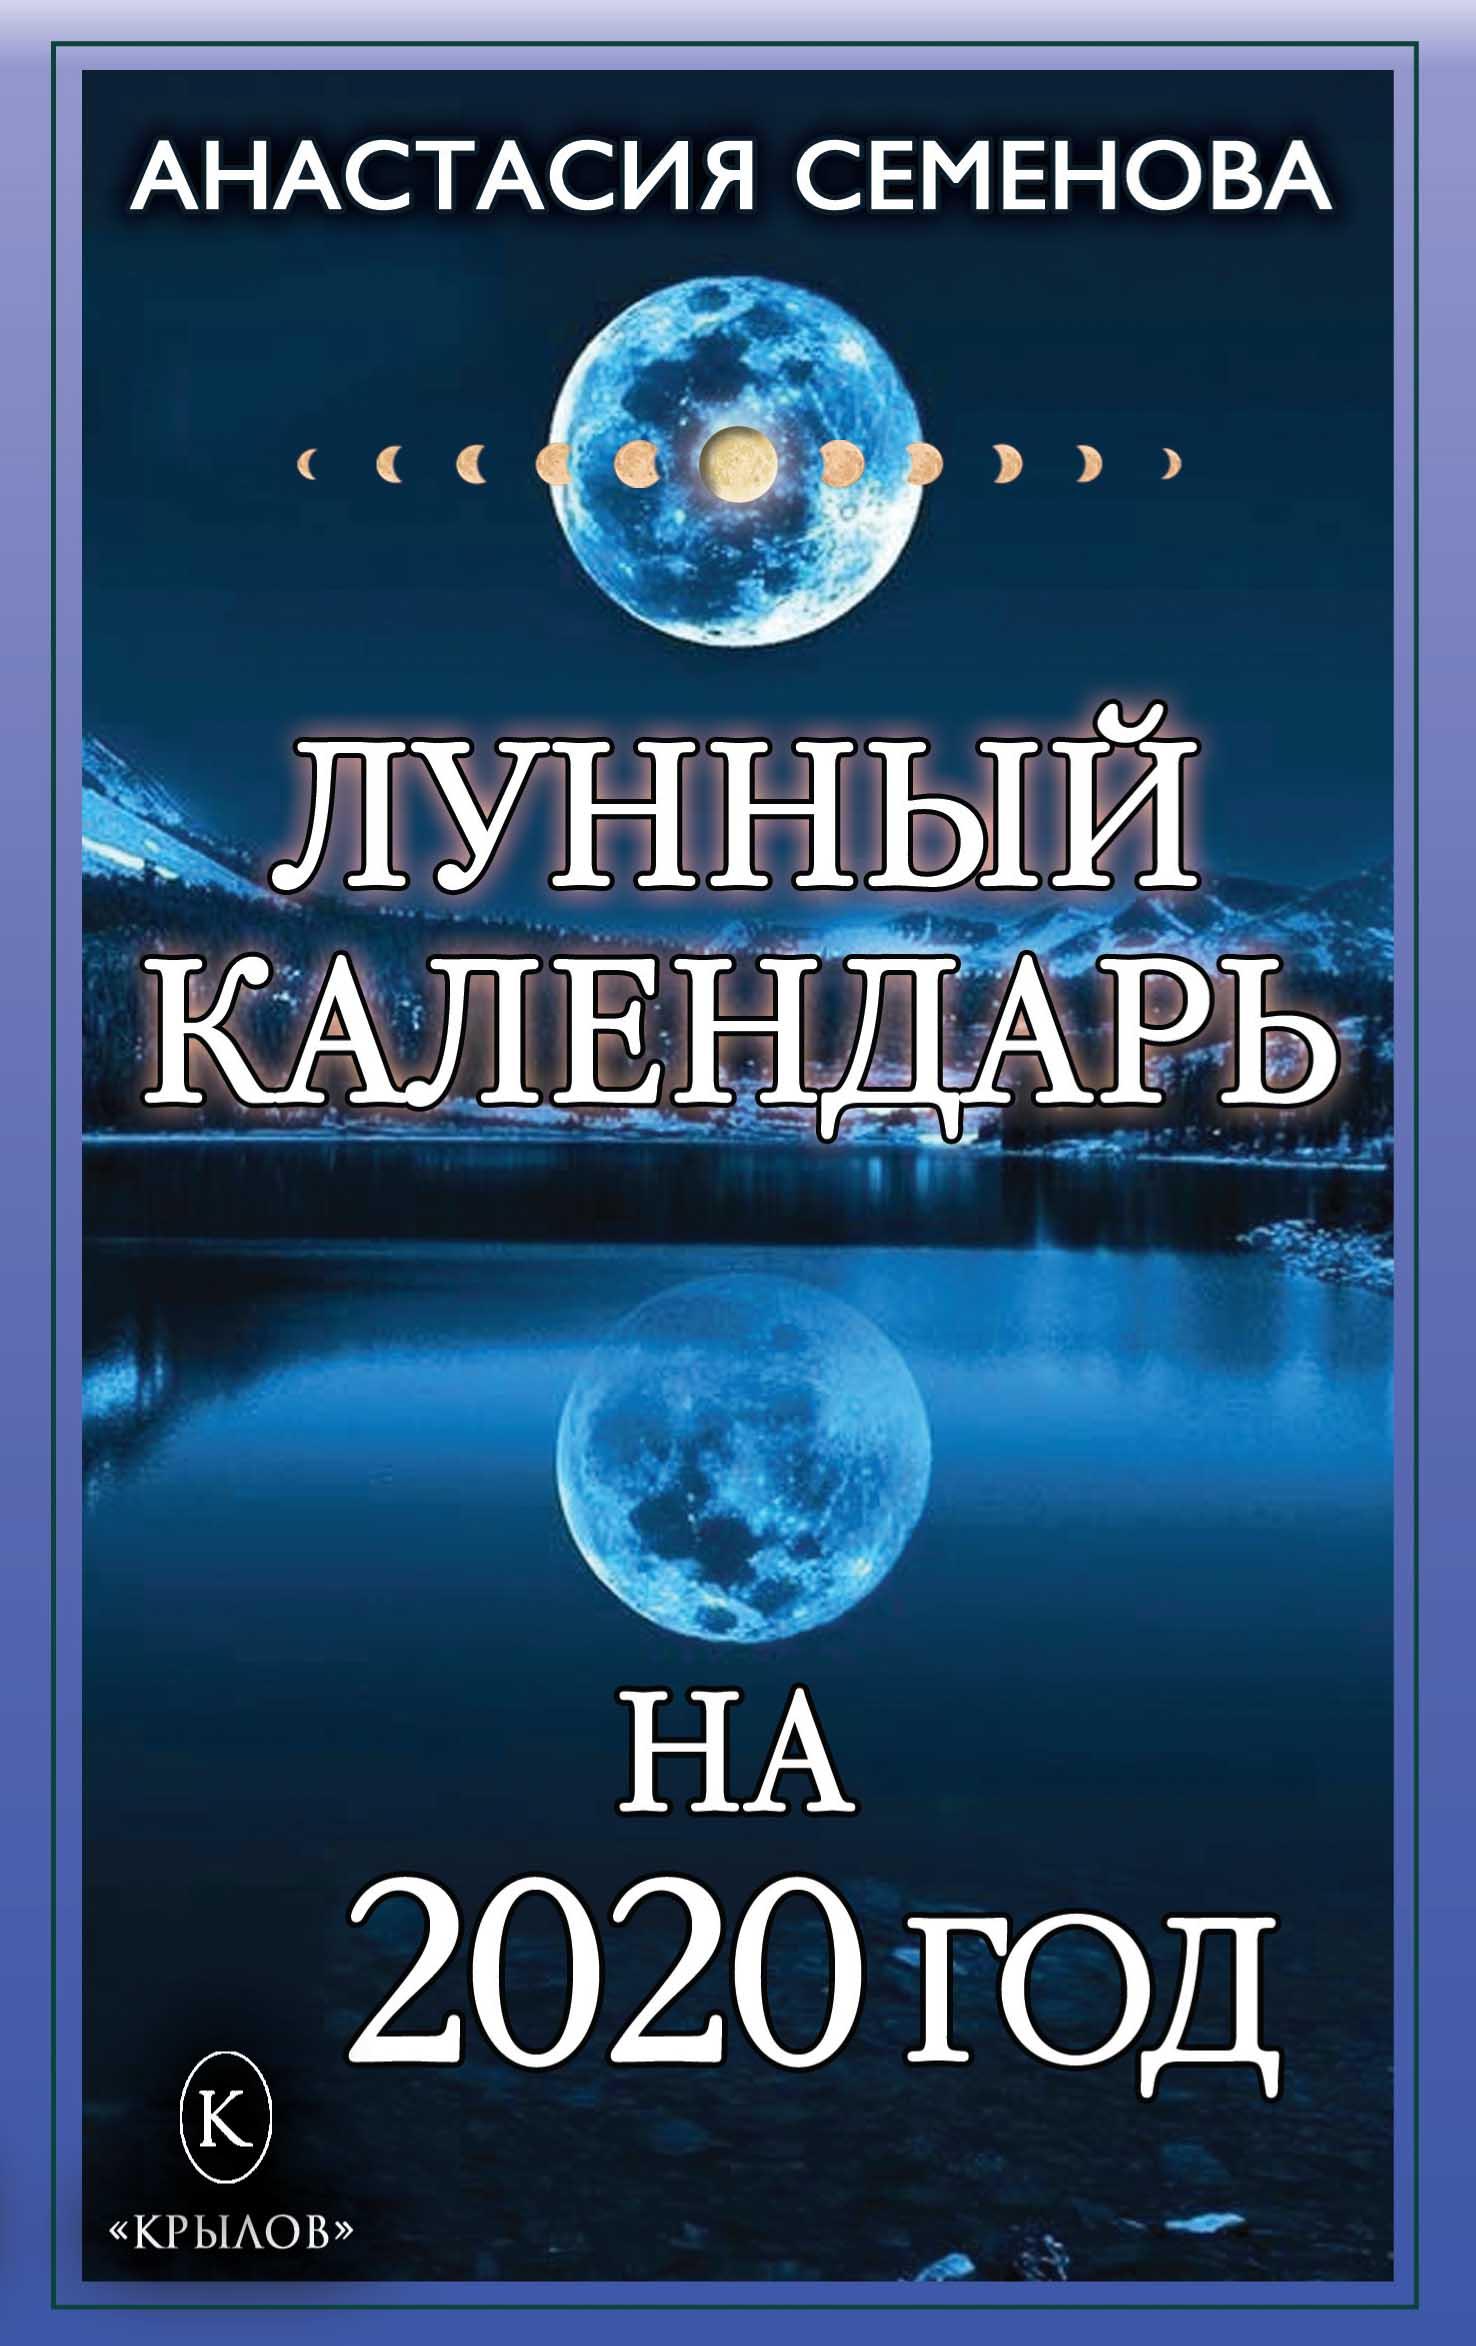 Анастасия Семенова Лунный календарь на 2020 год слава в вышних богу и на земле мир календарь на 2020 год